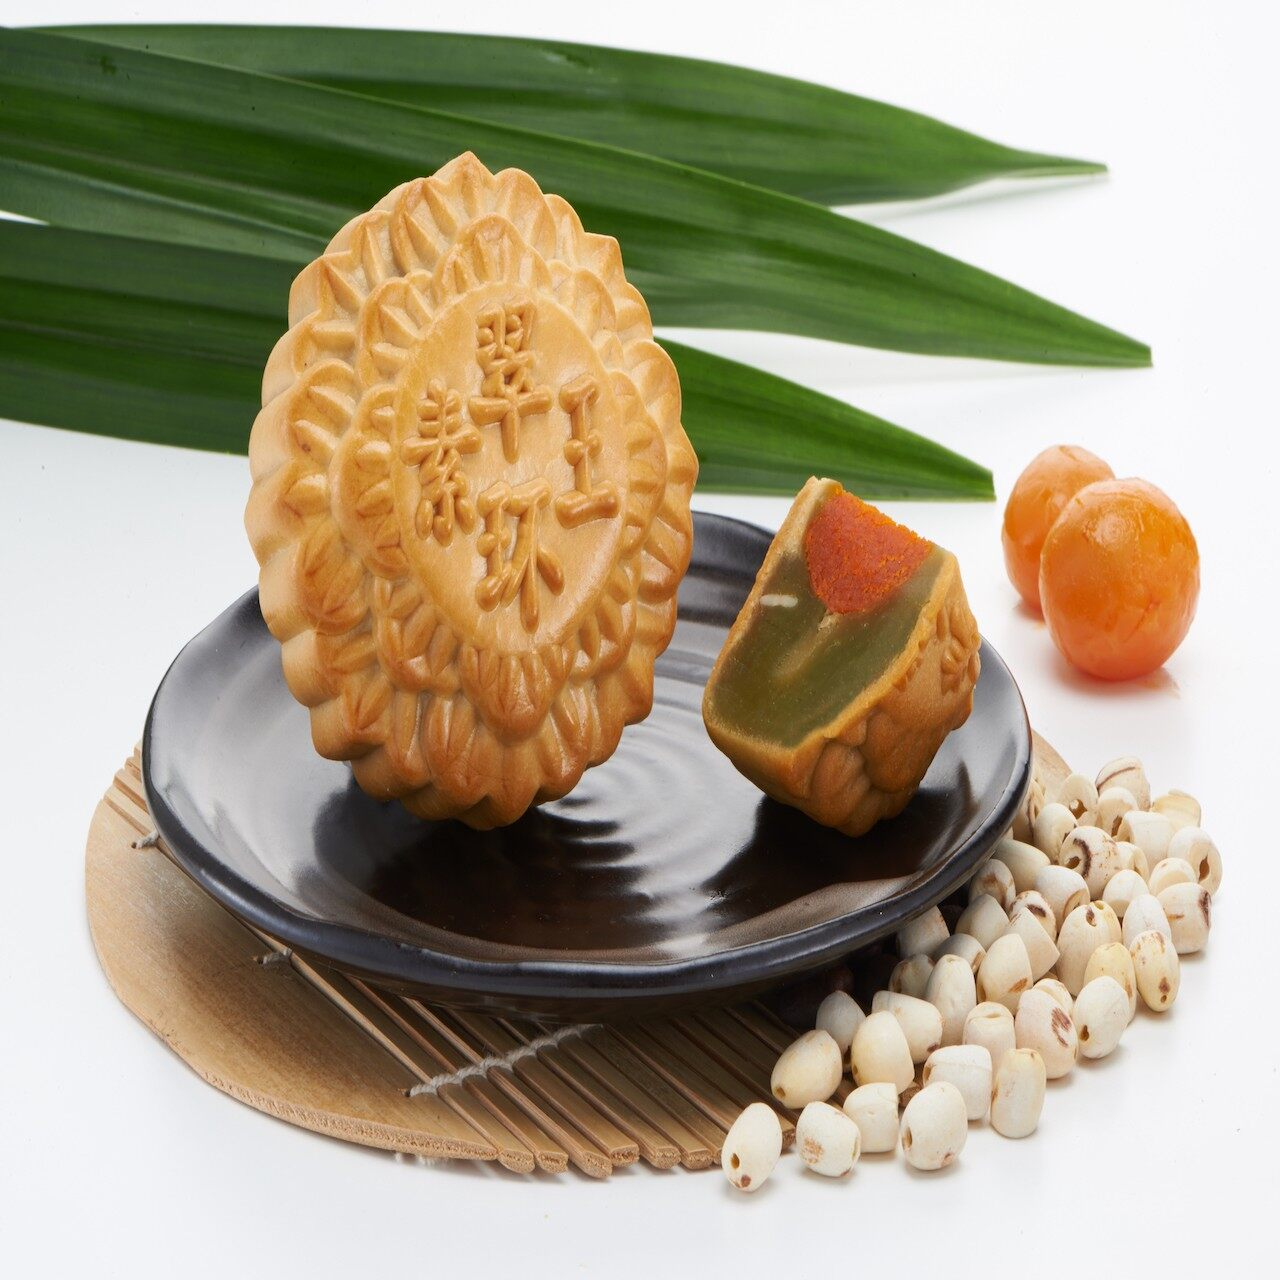 Best Selling [Ready Stock] Mooncake Absolutely Low Sugar Pandan Lotus Mung Bean Single Vege Yolk Vegetarian Halal Tong Wah Moon Cake With Gift Box 4 Pcs